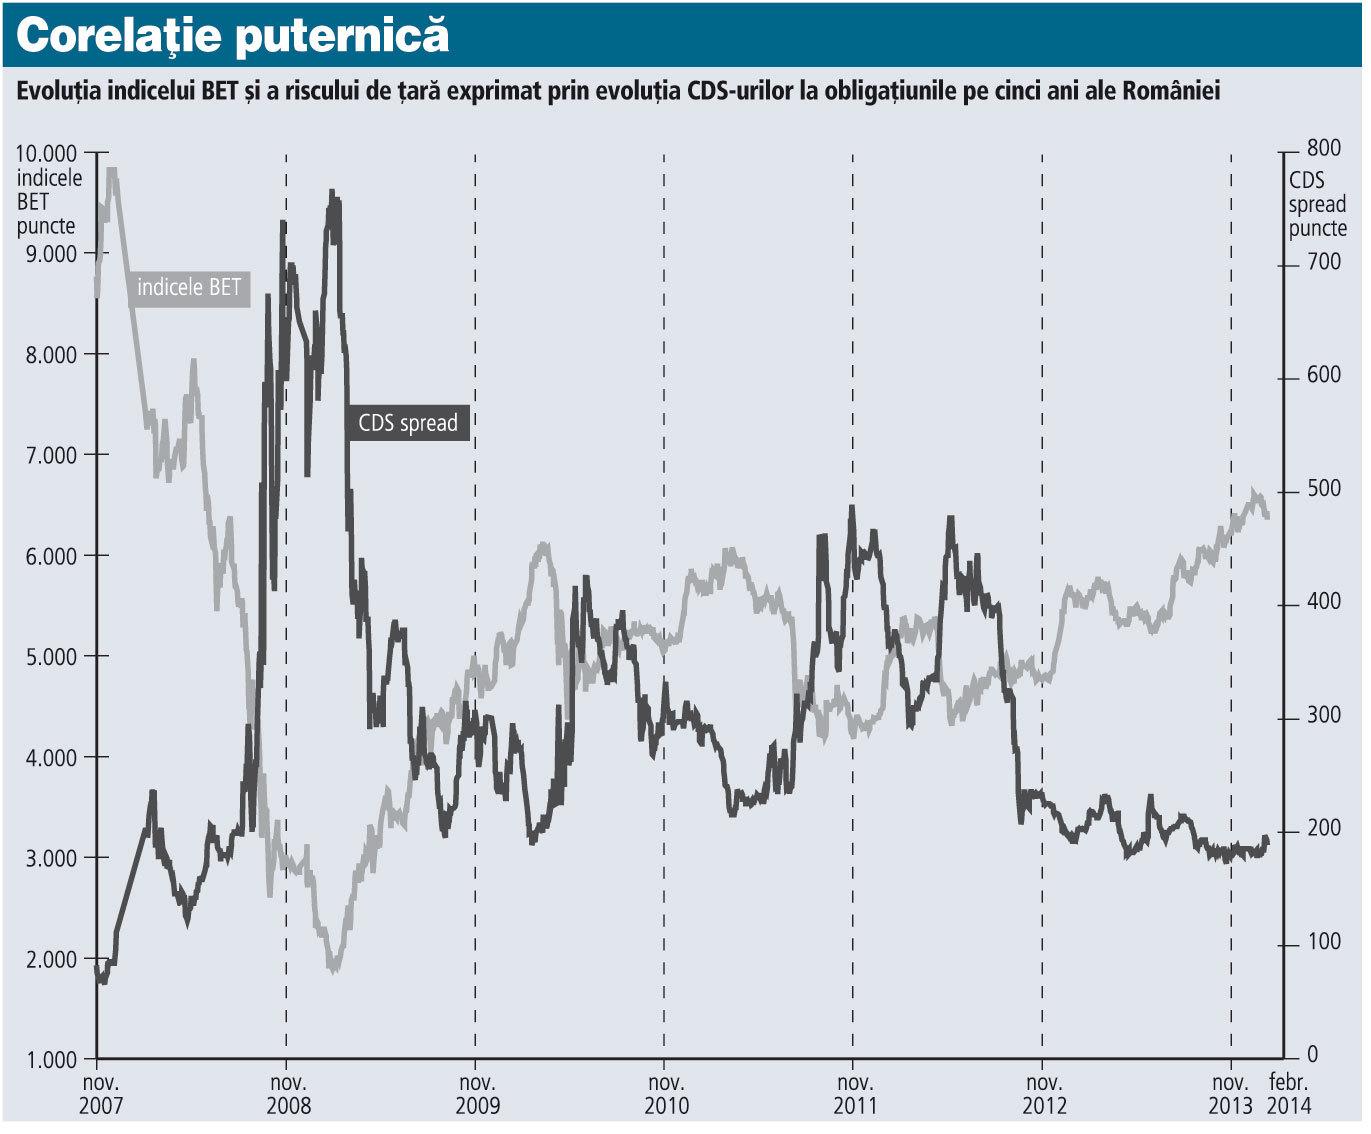 Care este legătura dintre BET şi CDS-uri? Cu cât riscul de ţară, măsurat de CDS-uri, este mai mic, cu atât investitorii sunt mai dispuşi să cumpere acţiuni